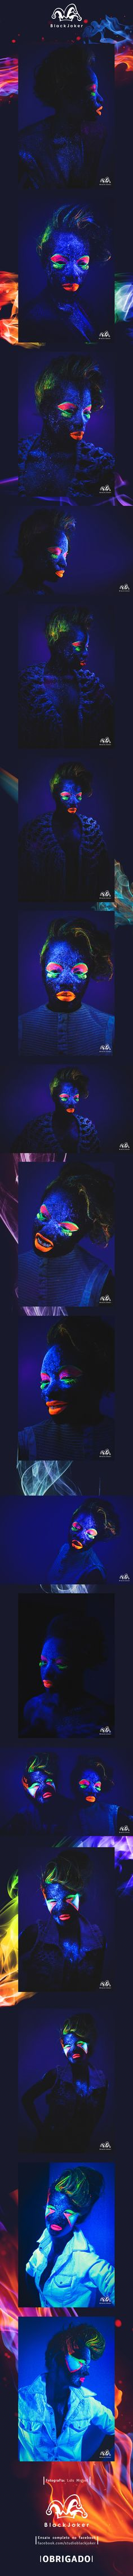 Fotos realizadas no Curso produção de Moda & Styling, ministrado pelo estilista Márcio Falcão.